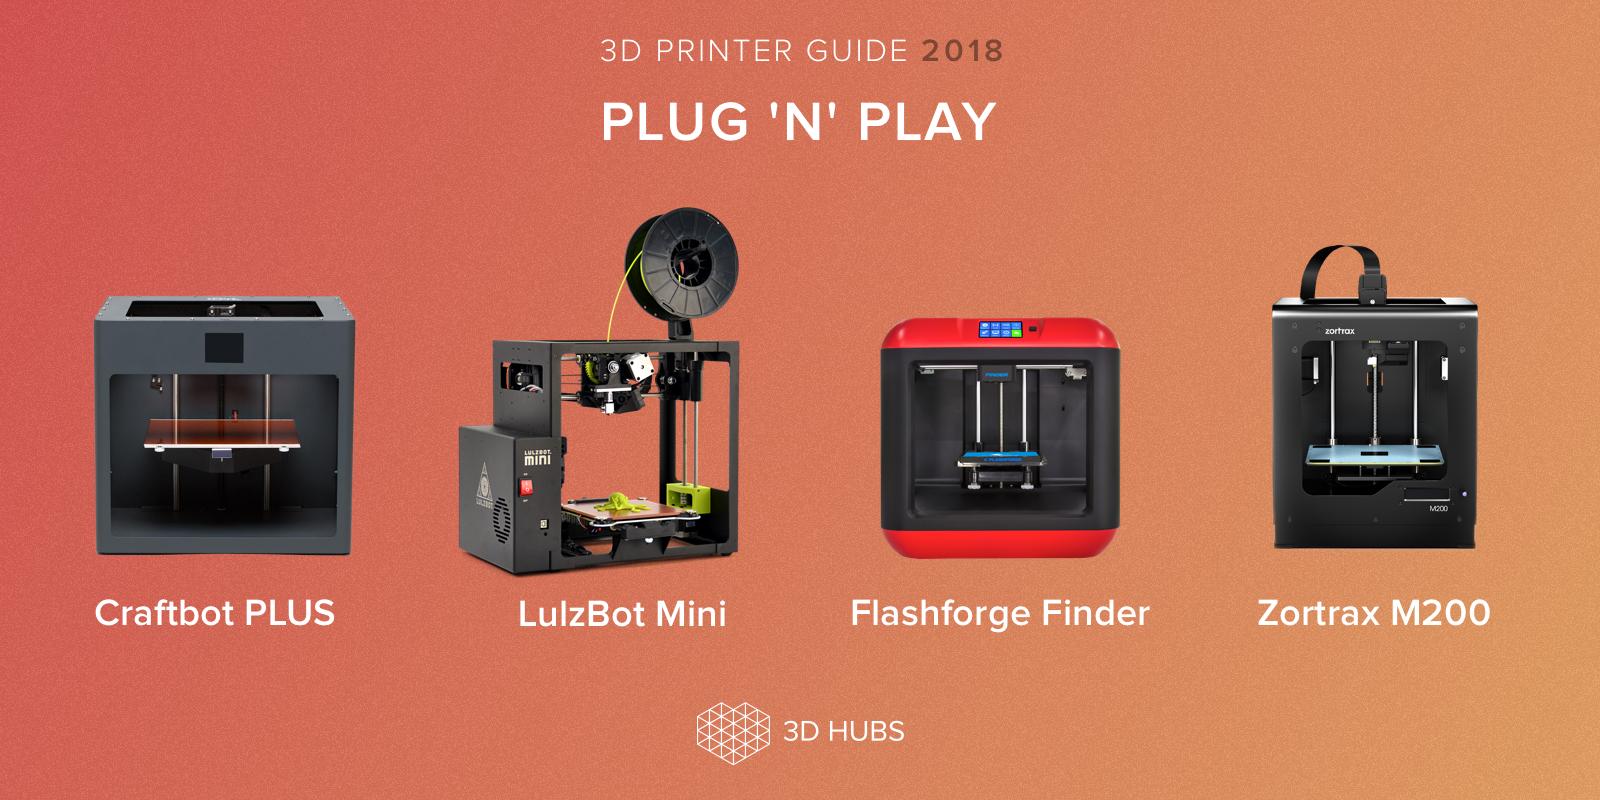 3d hubs ver ffentlicht neuen 3d printer guide die besten 3d drucker 2018. Black Bedroom Furniture Sets. Home Design Ideas